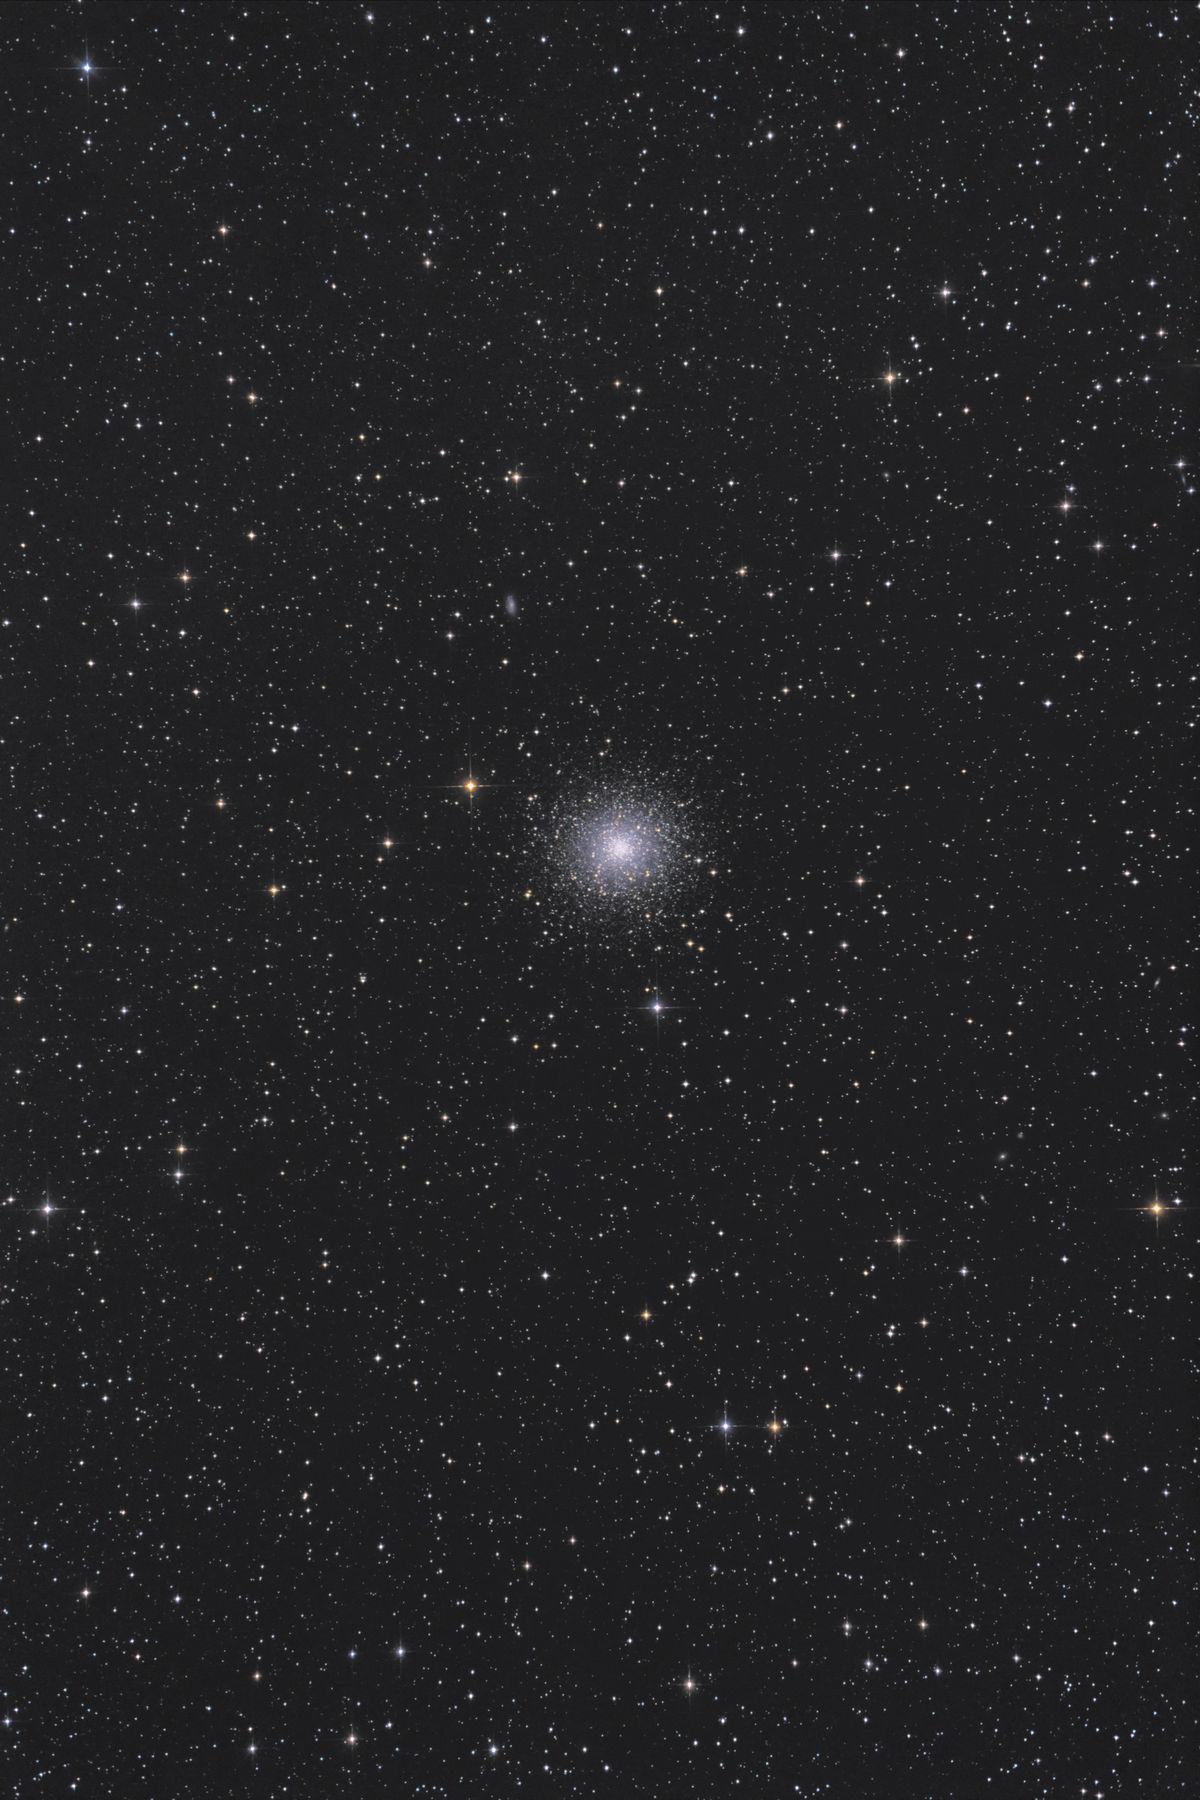 【星団】M13 ヘルクレス座球状星団